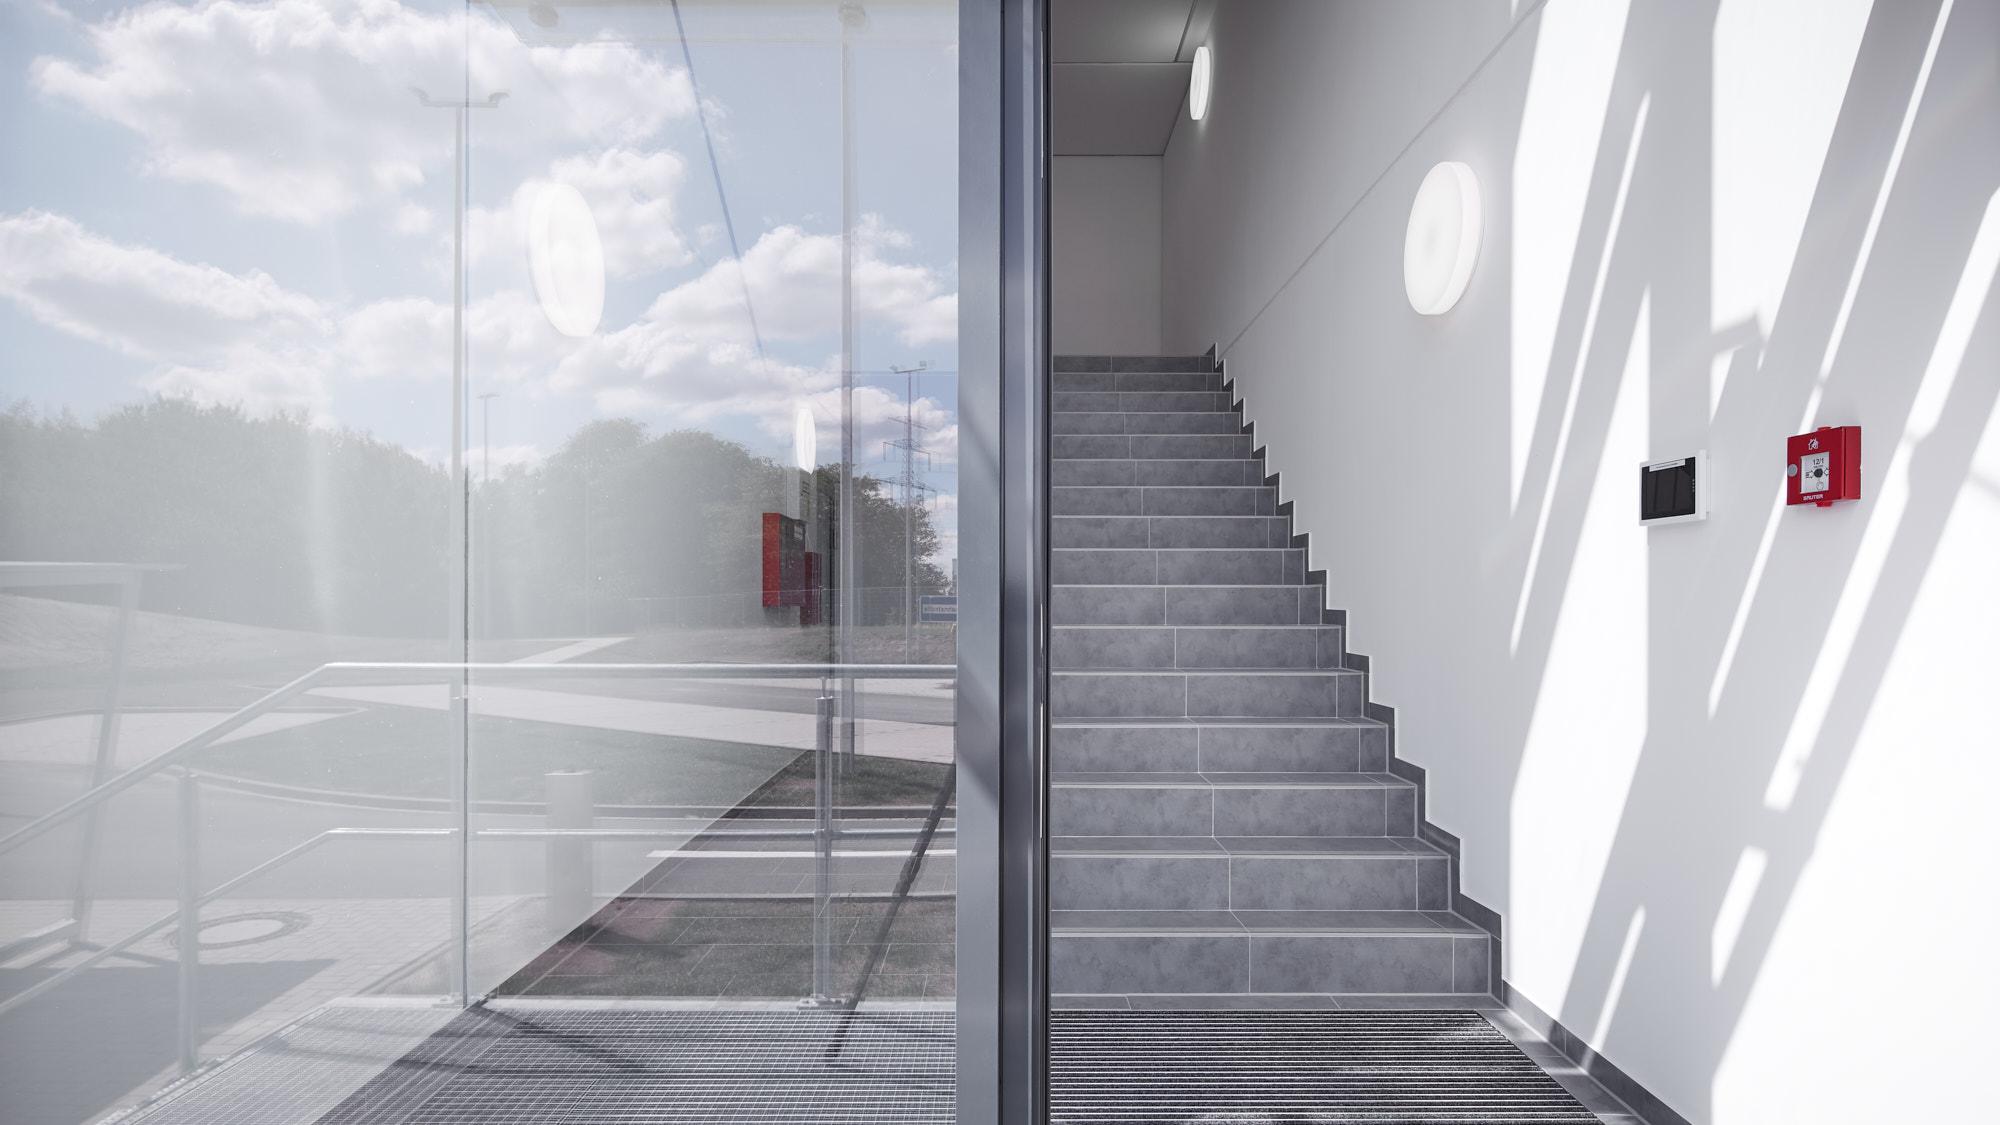 bernd-westphal-stillstars-beos-immobilien-arcitektur-photography-019